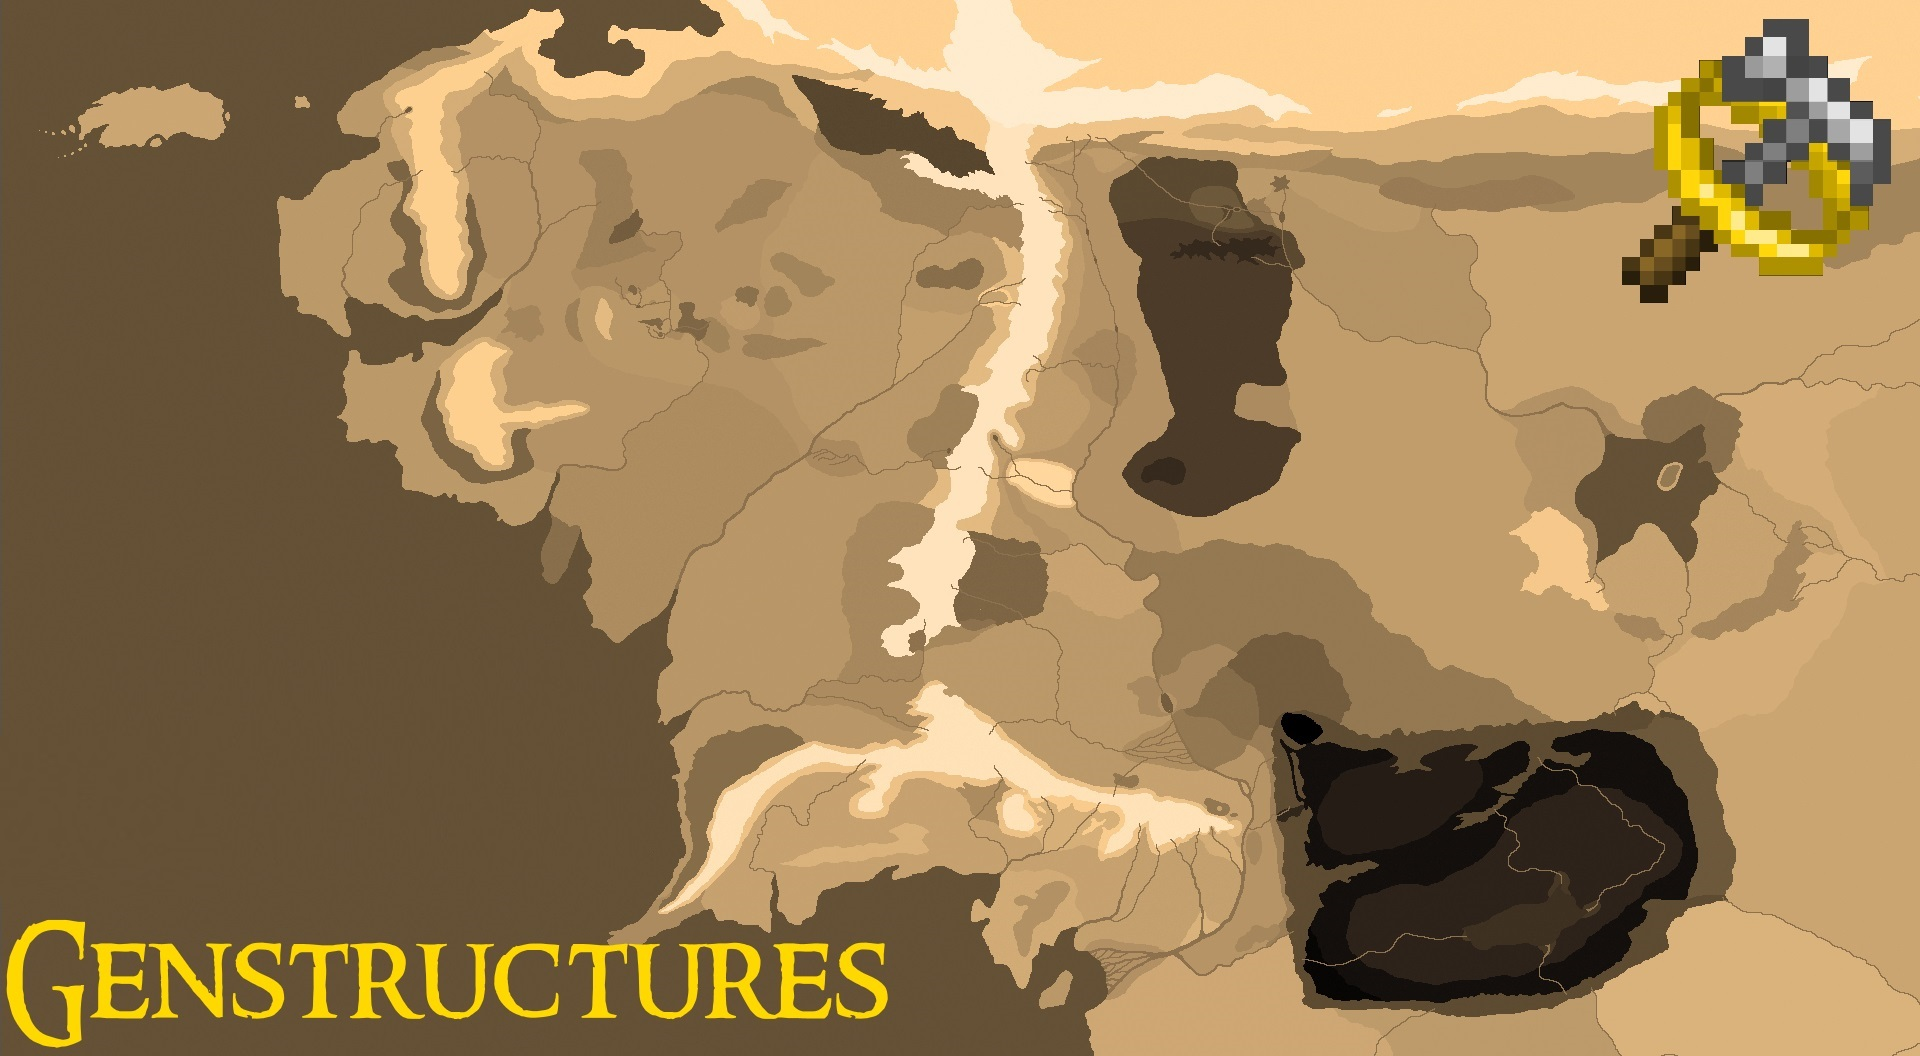 Генеральные Структуры: баги